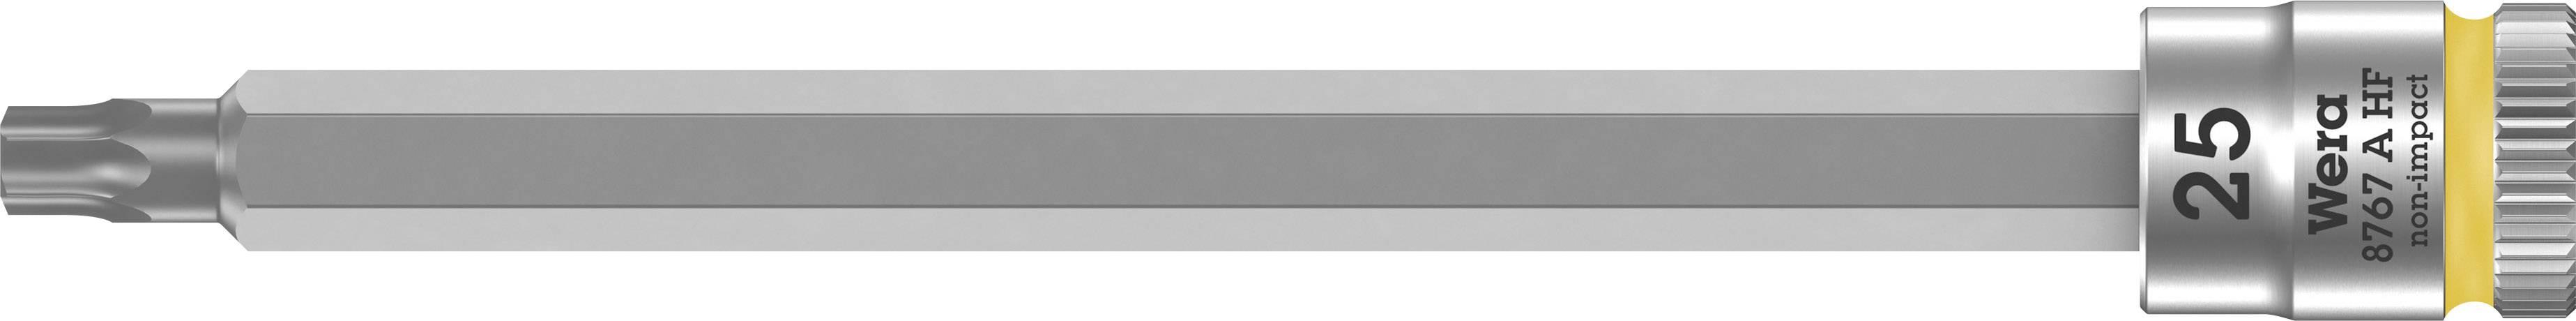 """Nástrčný kľúč, Torx Wera 8767 A 05003366001, 1/4"""" (6,3 mm), chróm-vanadiová oceľ"""